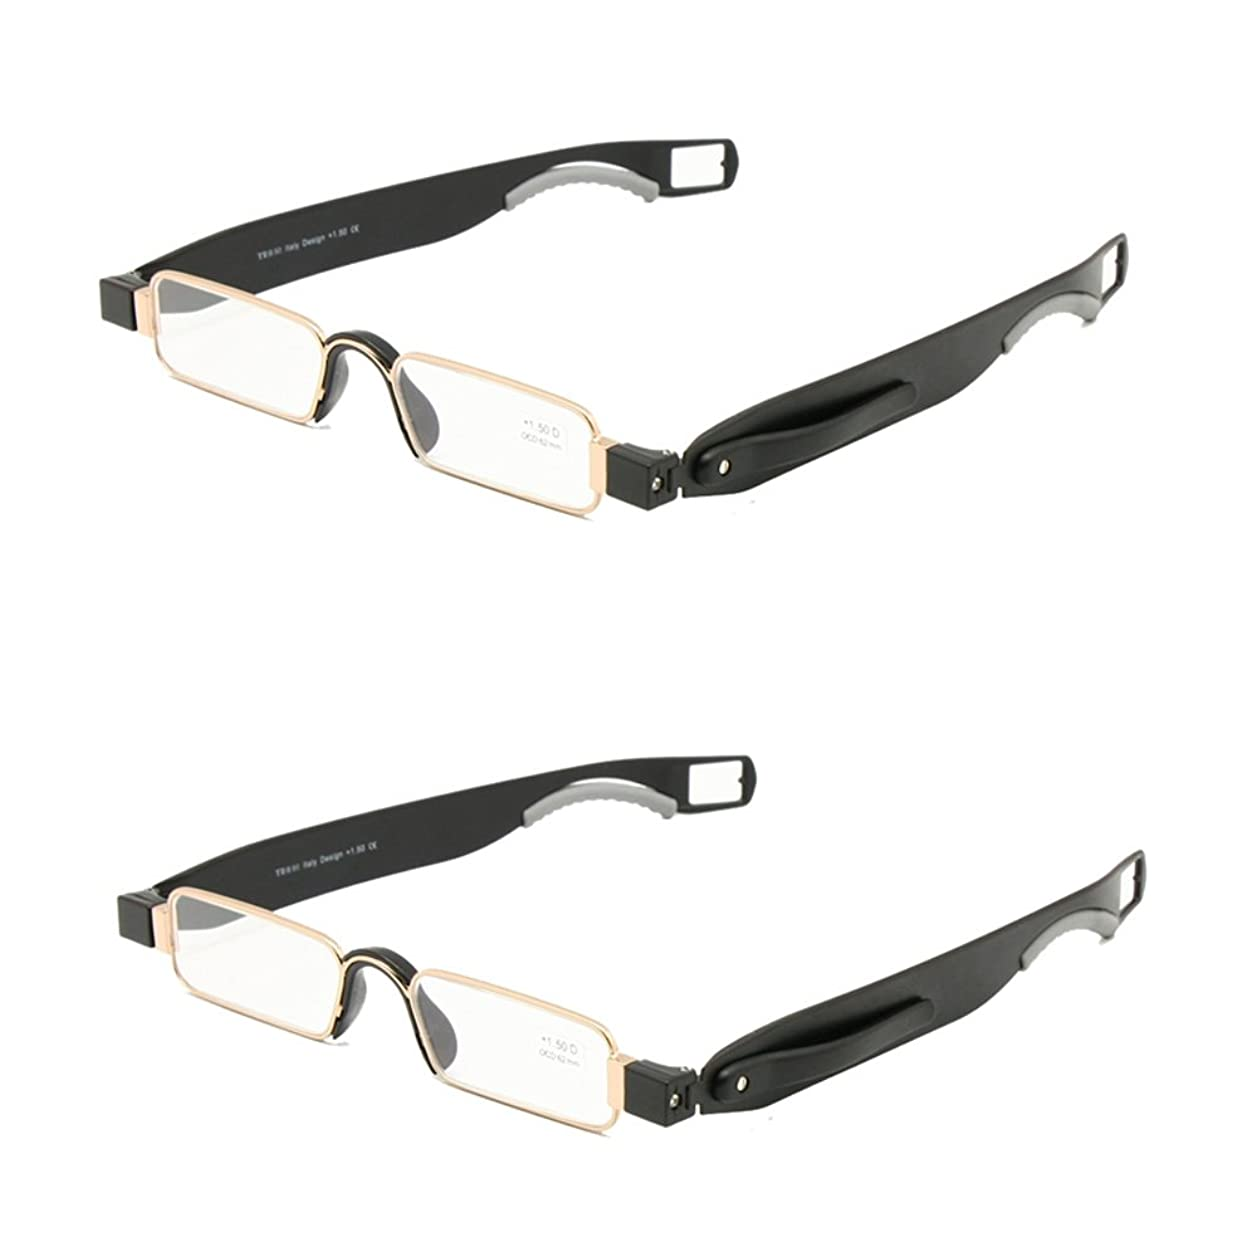 正規化いたずらな人事折りたたみ老眼鏡レザーケースミニポケットリーダーフラット薄型老眼 + 1.0 ~ + 3.5 (+200, 2組)